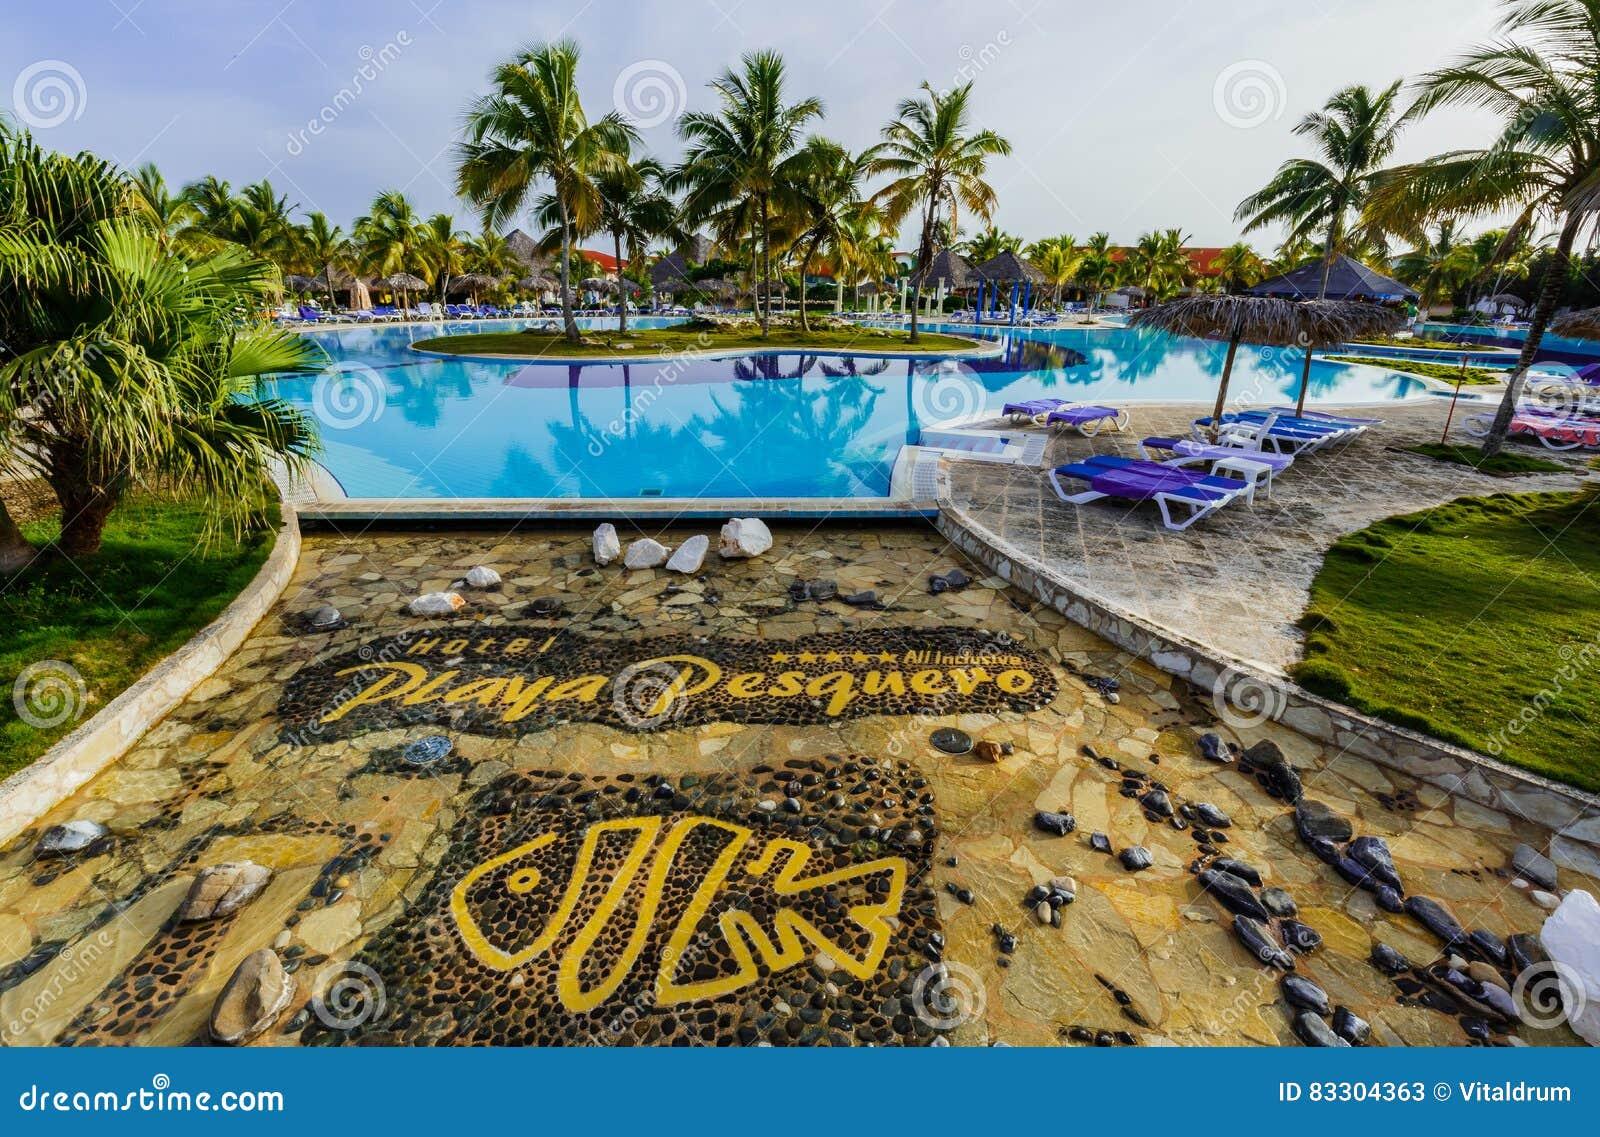 Schitterende het uitnodigen mening van van het luxe zwembad en hotel gronden in tropische tuin for Tuin allen idee